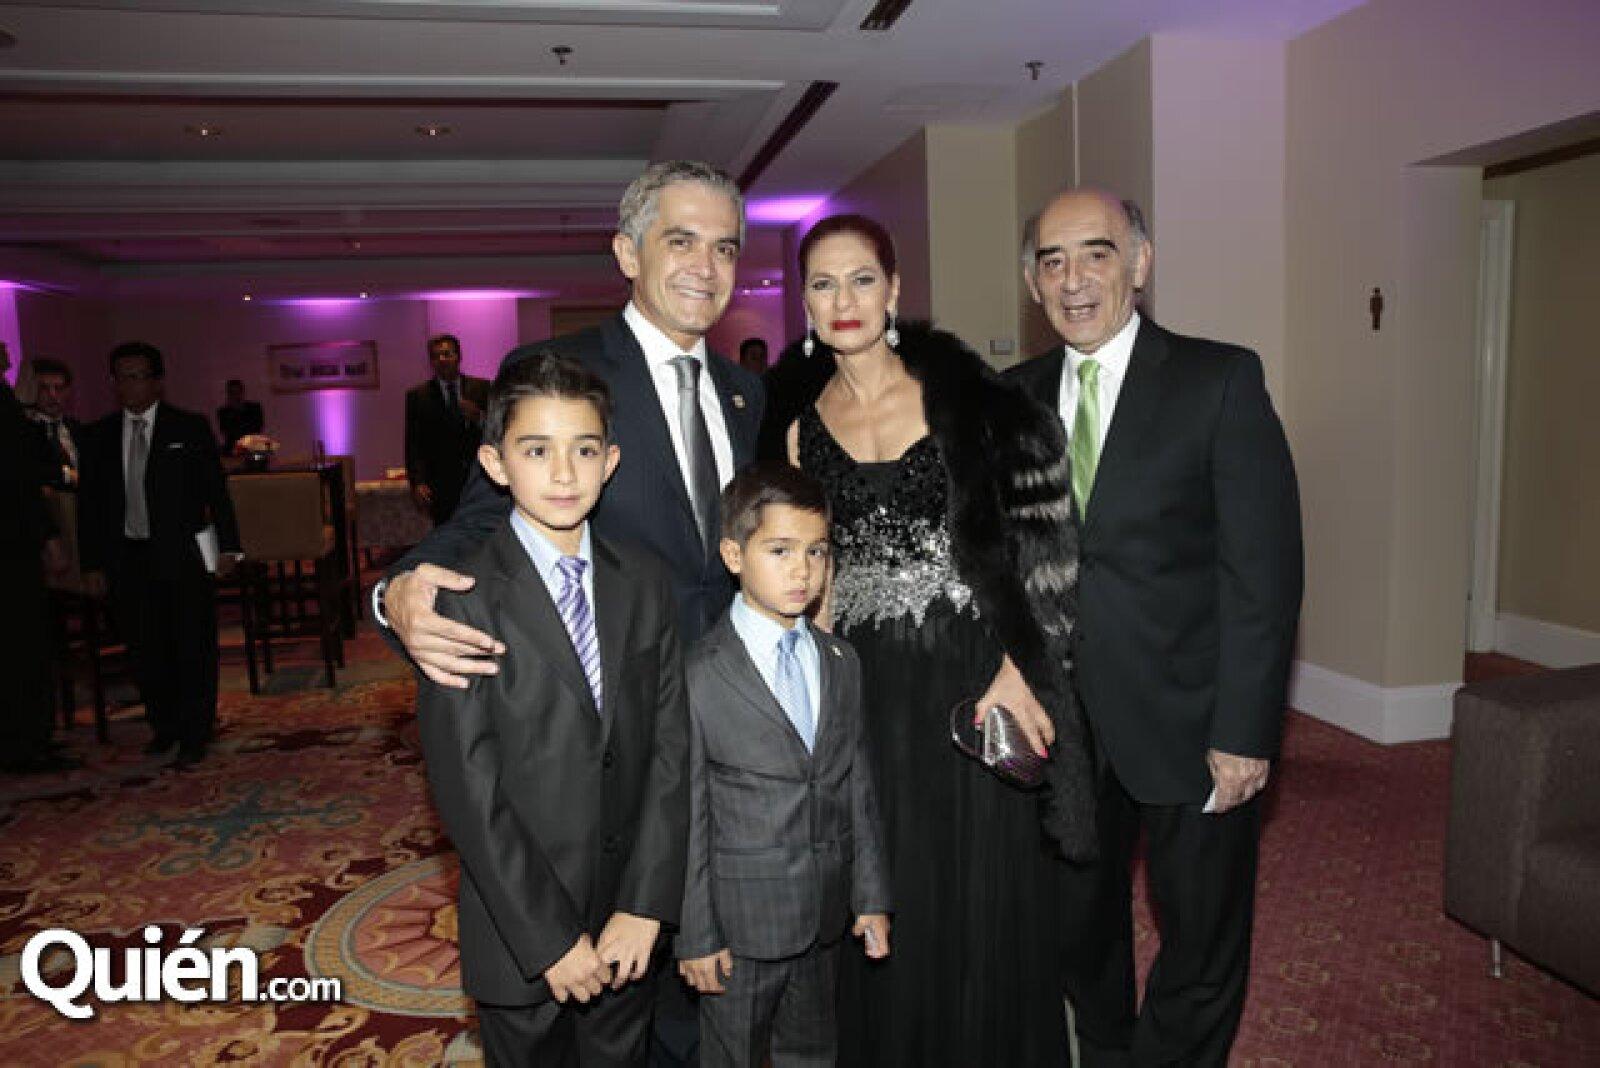 Miguel Ángel Mancera,Teresa Said,Ignacio Said,Miguel Mancera,Leonardo Mancera